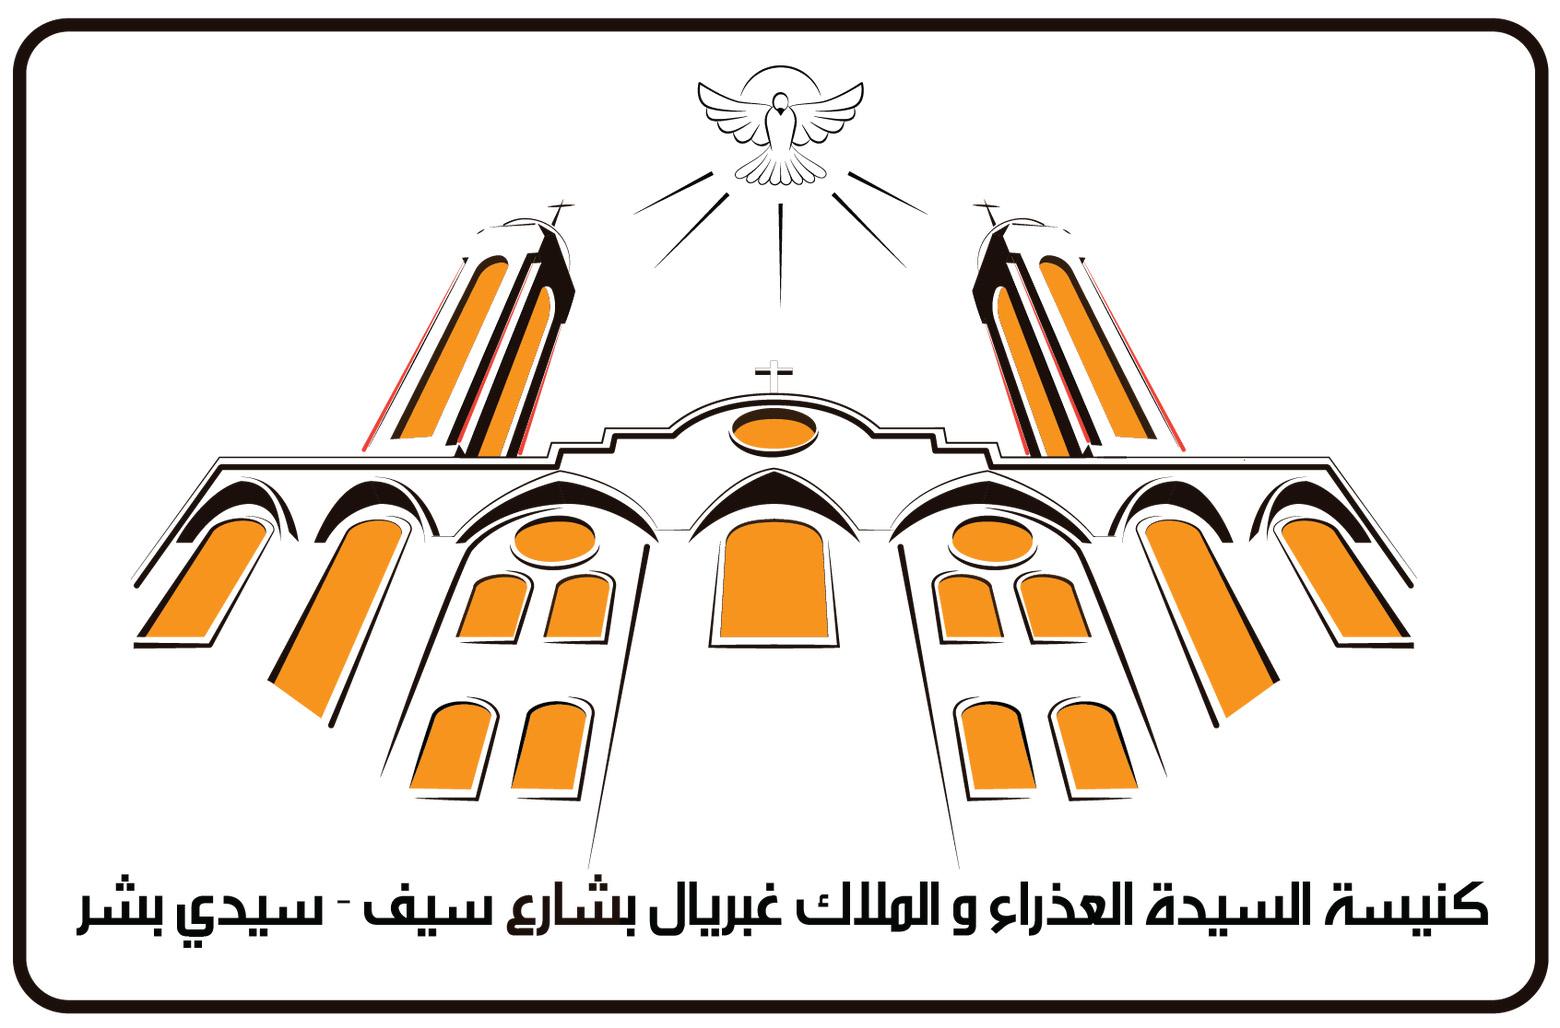 كنيسة السيدة العذراء و الملاك غبريال